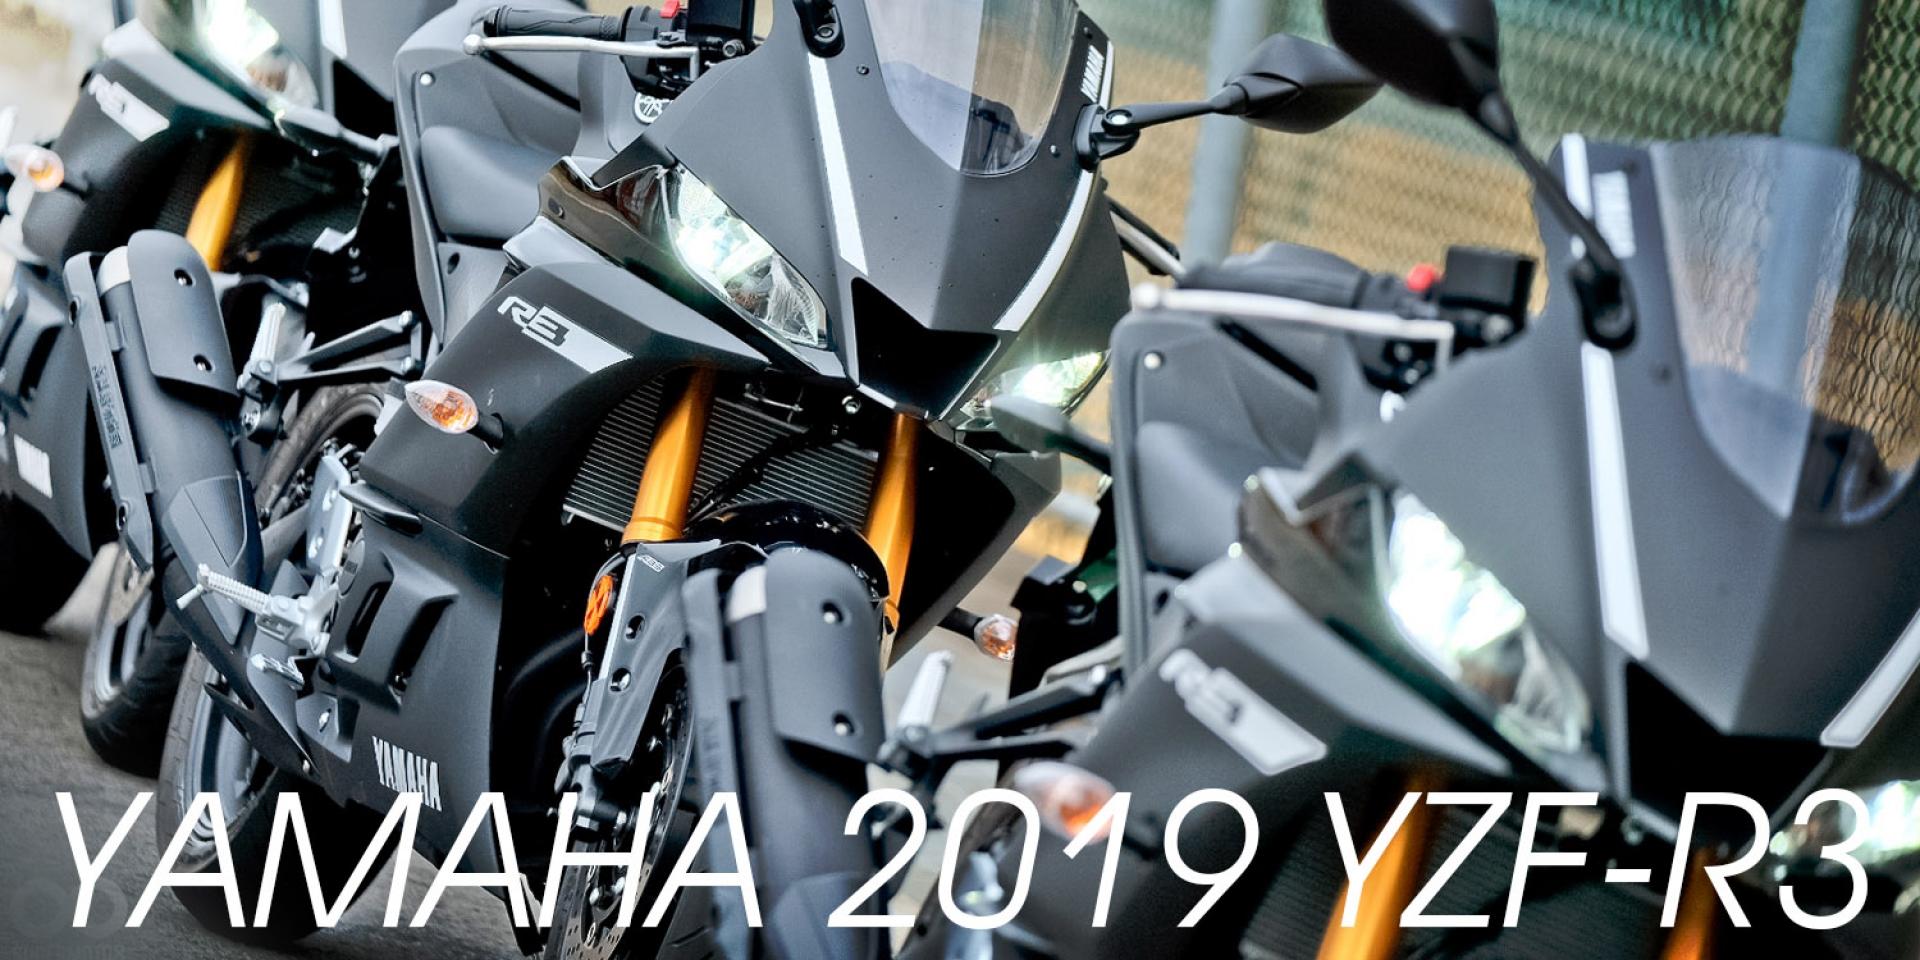 黃牌旋風來襲,2019 YAMAHA YZF-R3台灣正式發表